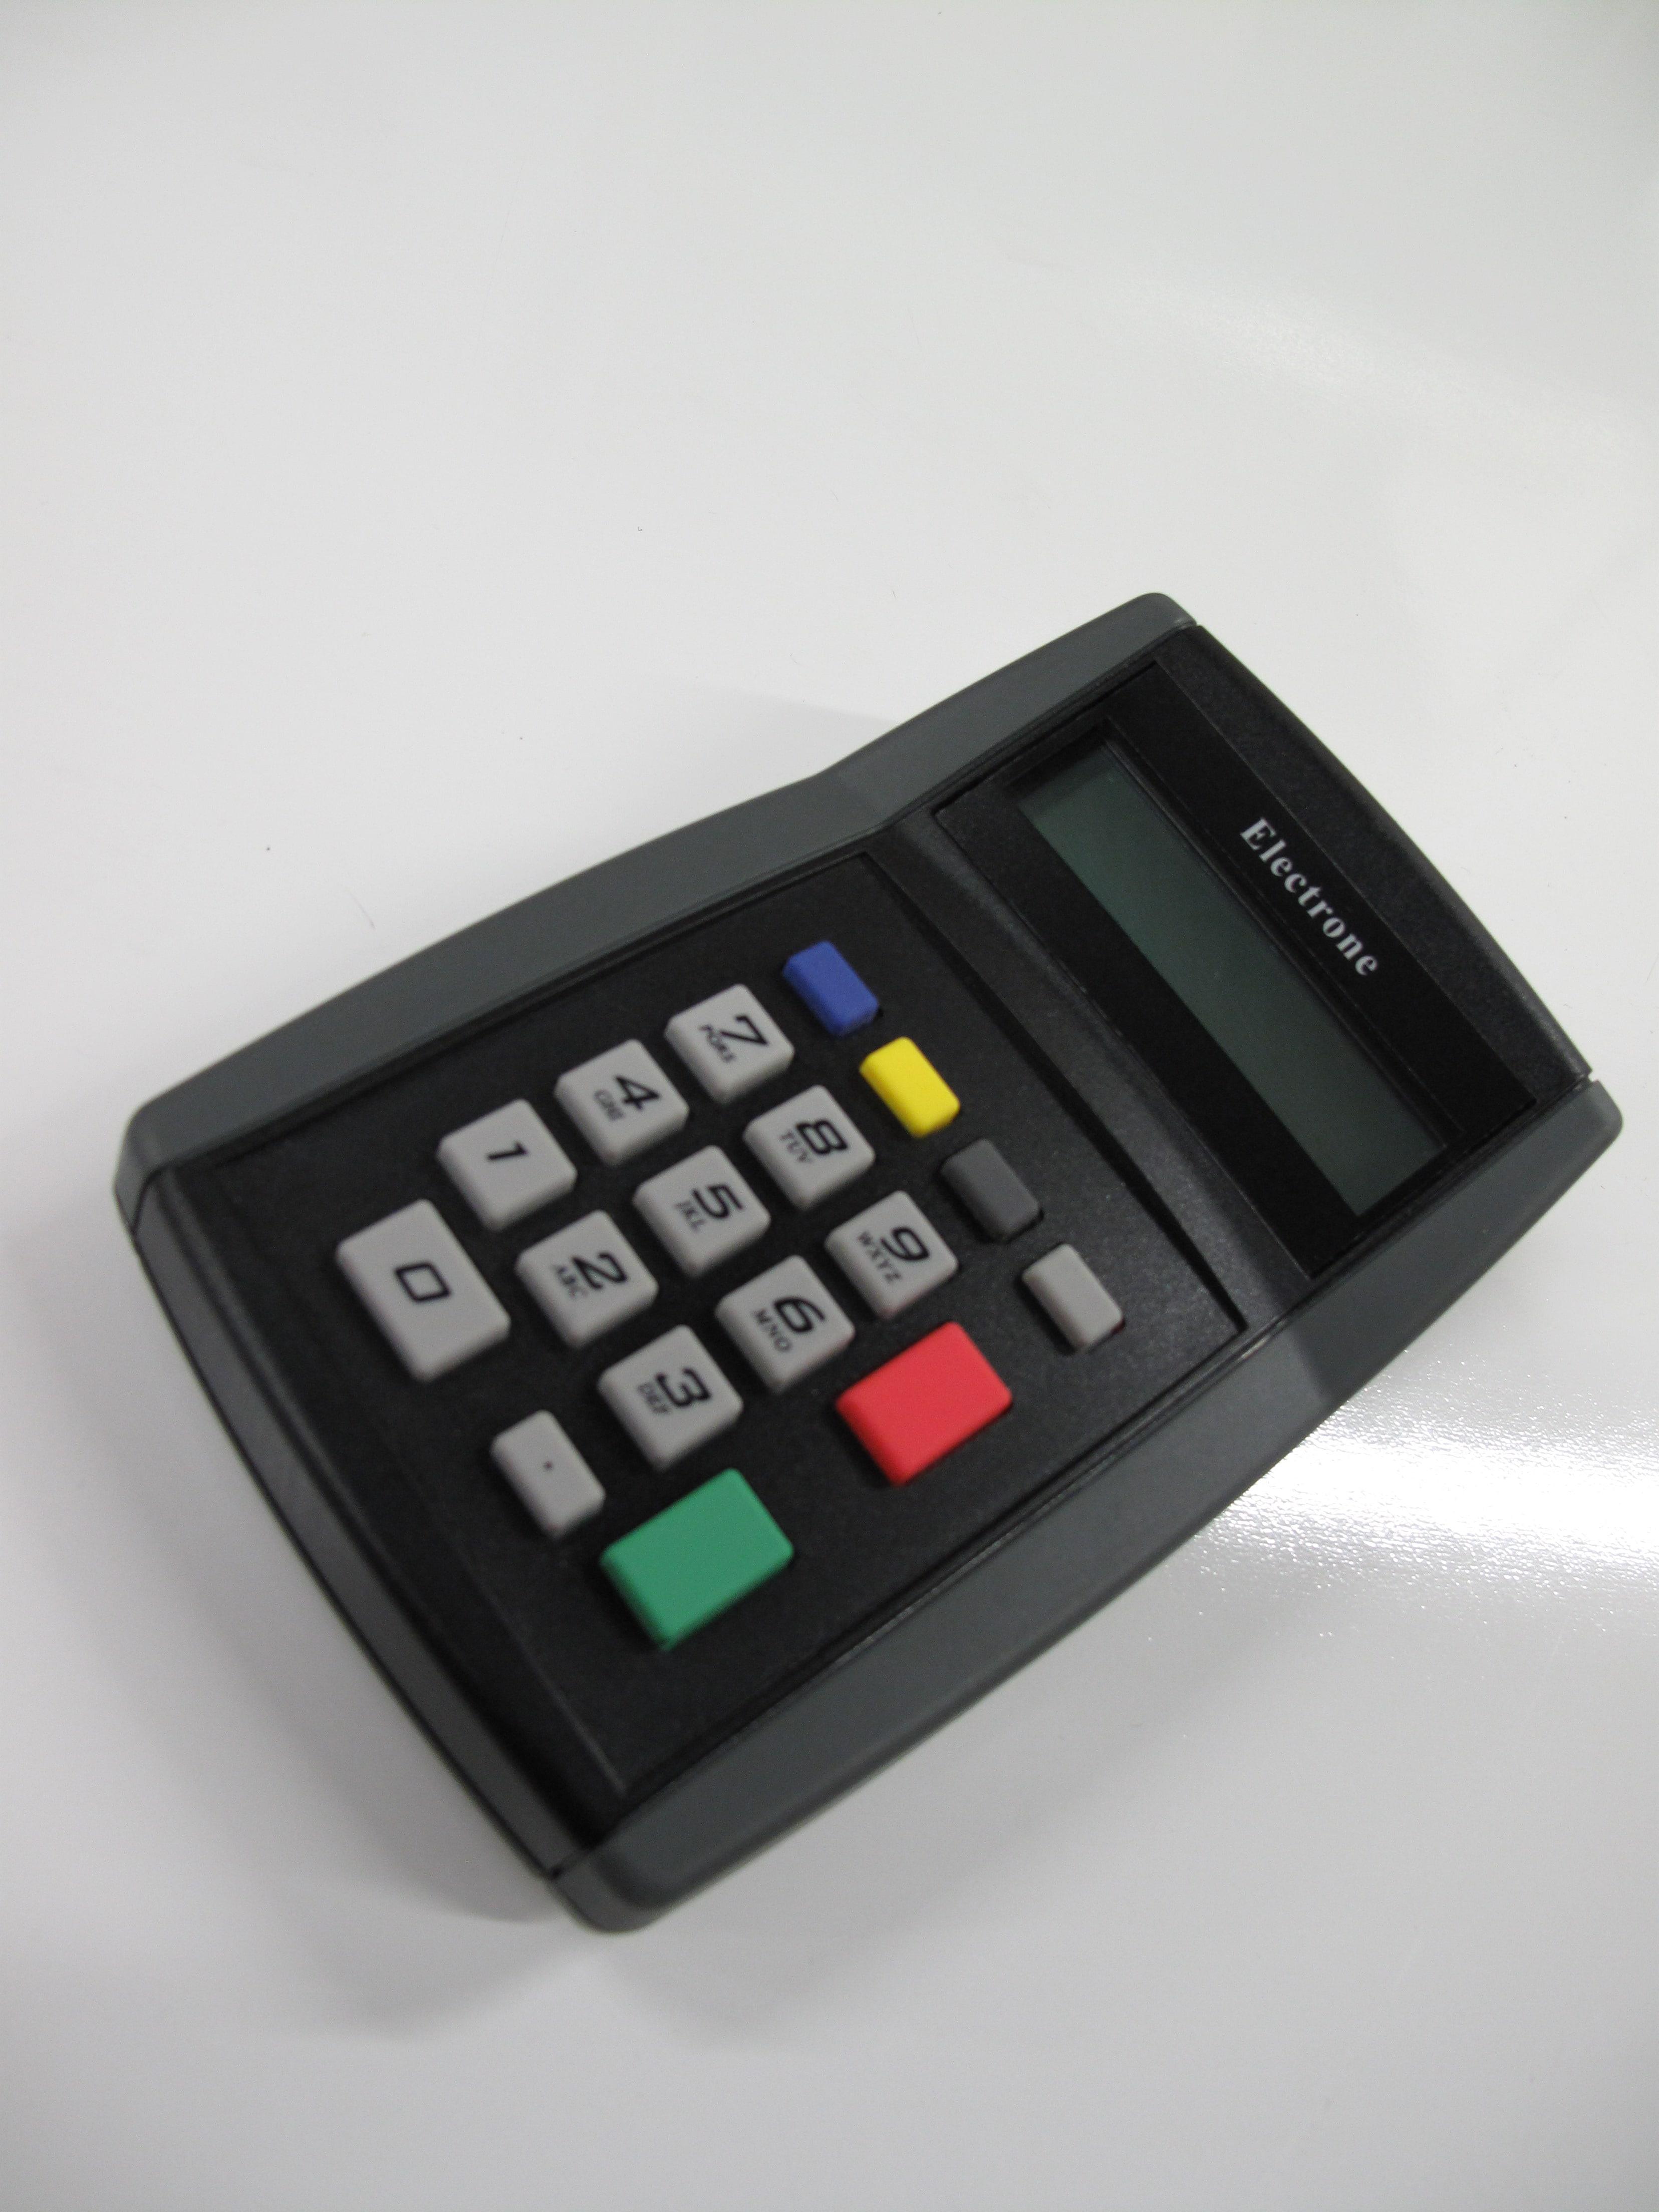 Soluciones, Soluciones, Soluciones: Conexiones disponibles para el teclado Electrone 735 con pantalla – TCP / IP – PoE; USB VCP o HID y Serial / RS232